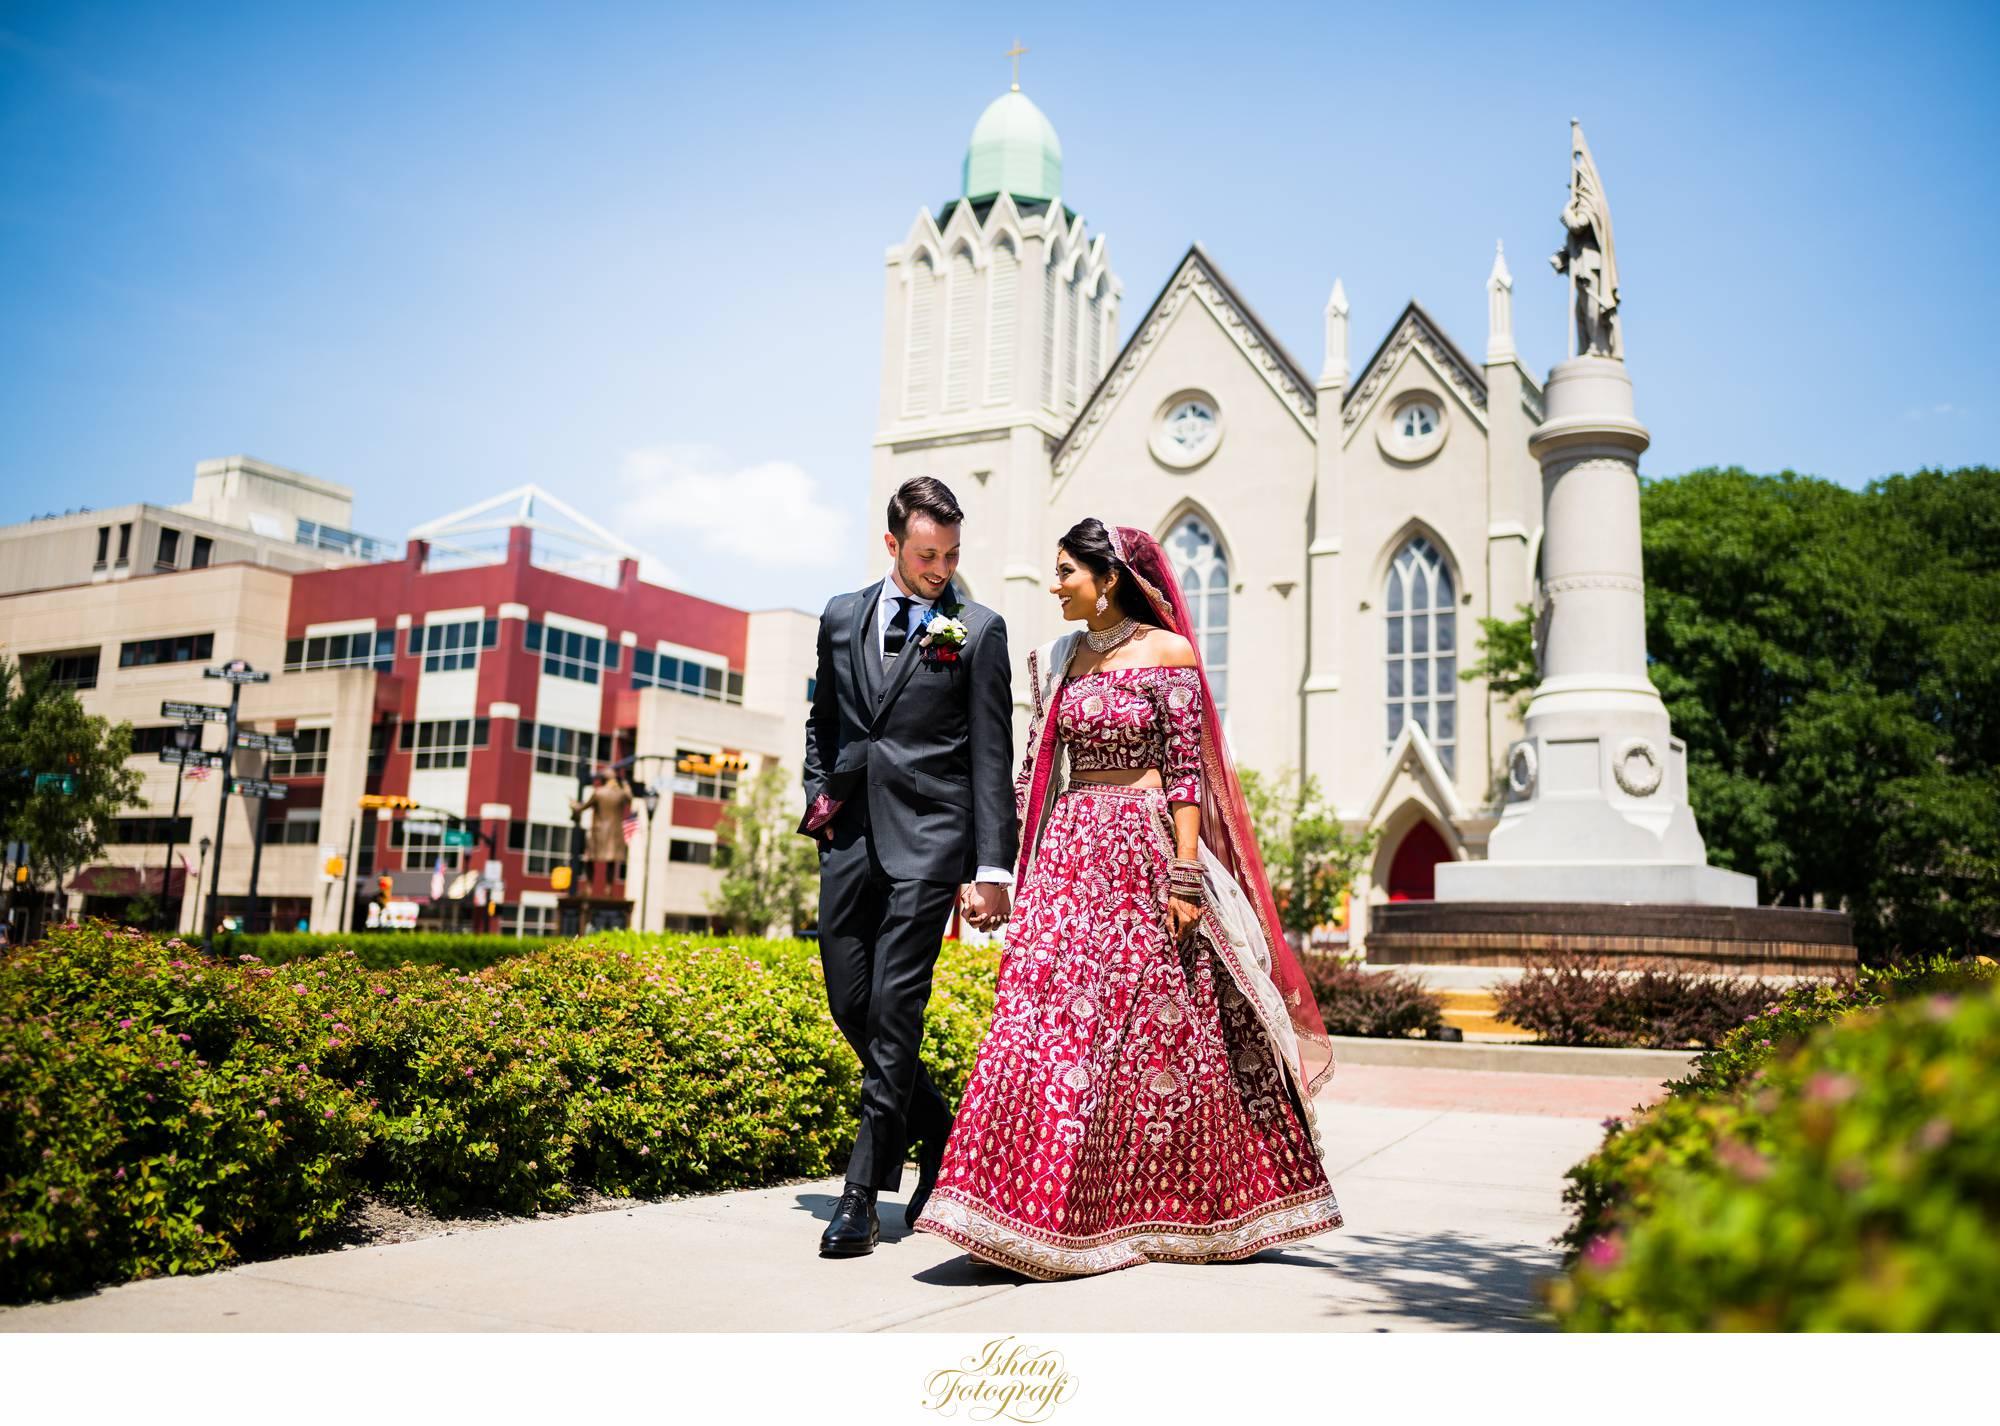 the-heldrich-hotel-wedding-photographer